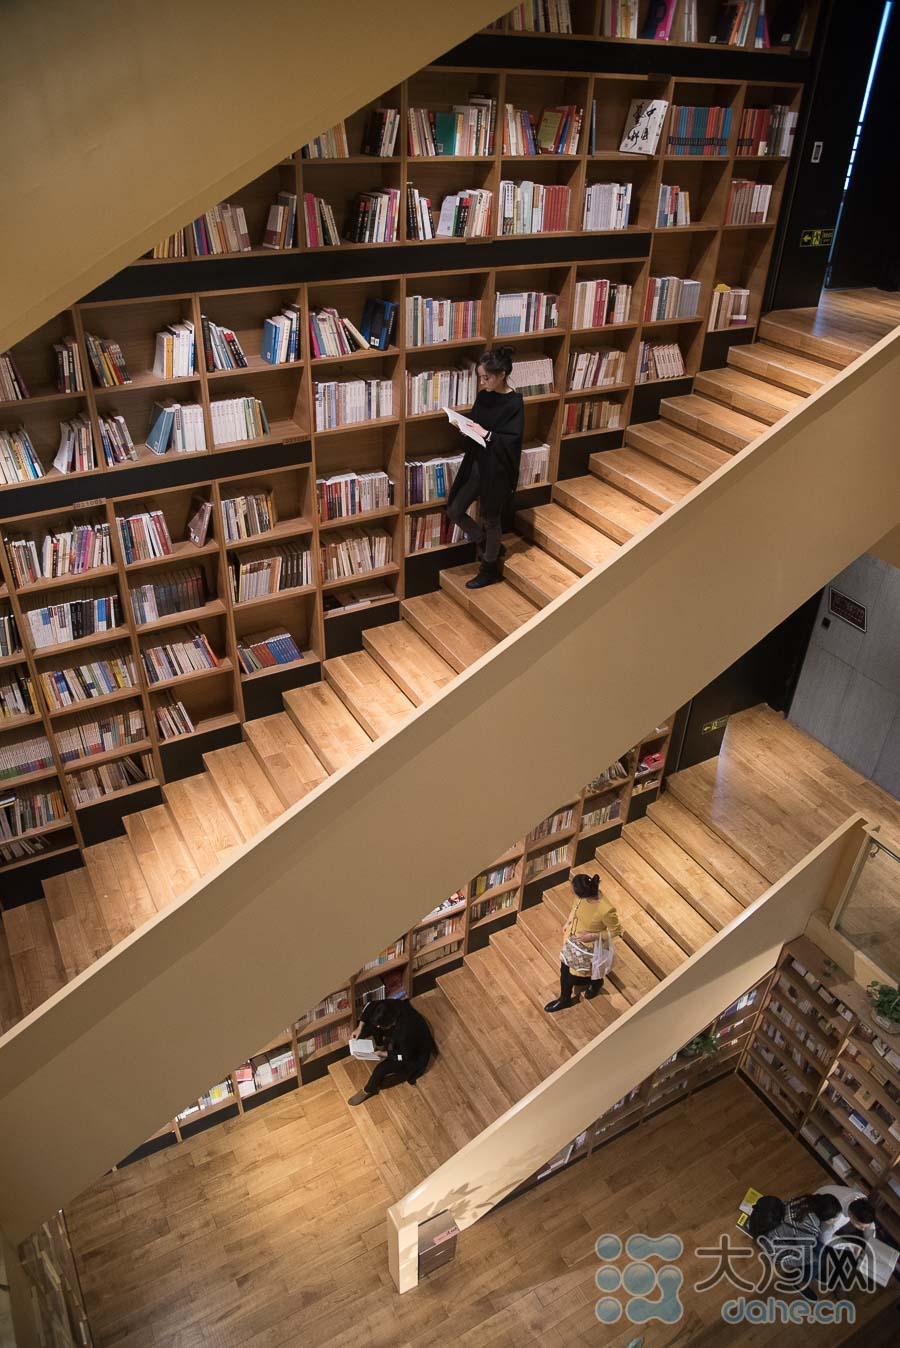 本周郑州降温与降雨结伴而来,连绵的秋雨为出行造成诸多不便,但市区内的各家书店变得热闹起来,许多市民选择午休和下班后的闲暇时光,来到温暖的书店享受一段惬意的阅读时光。